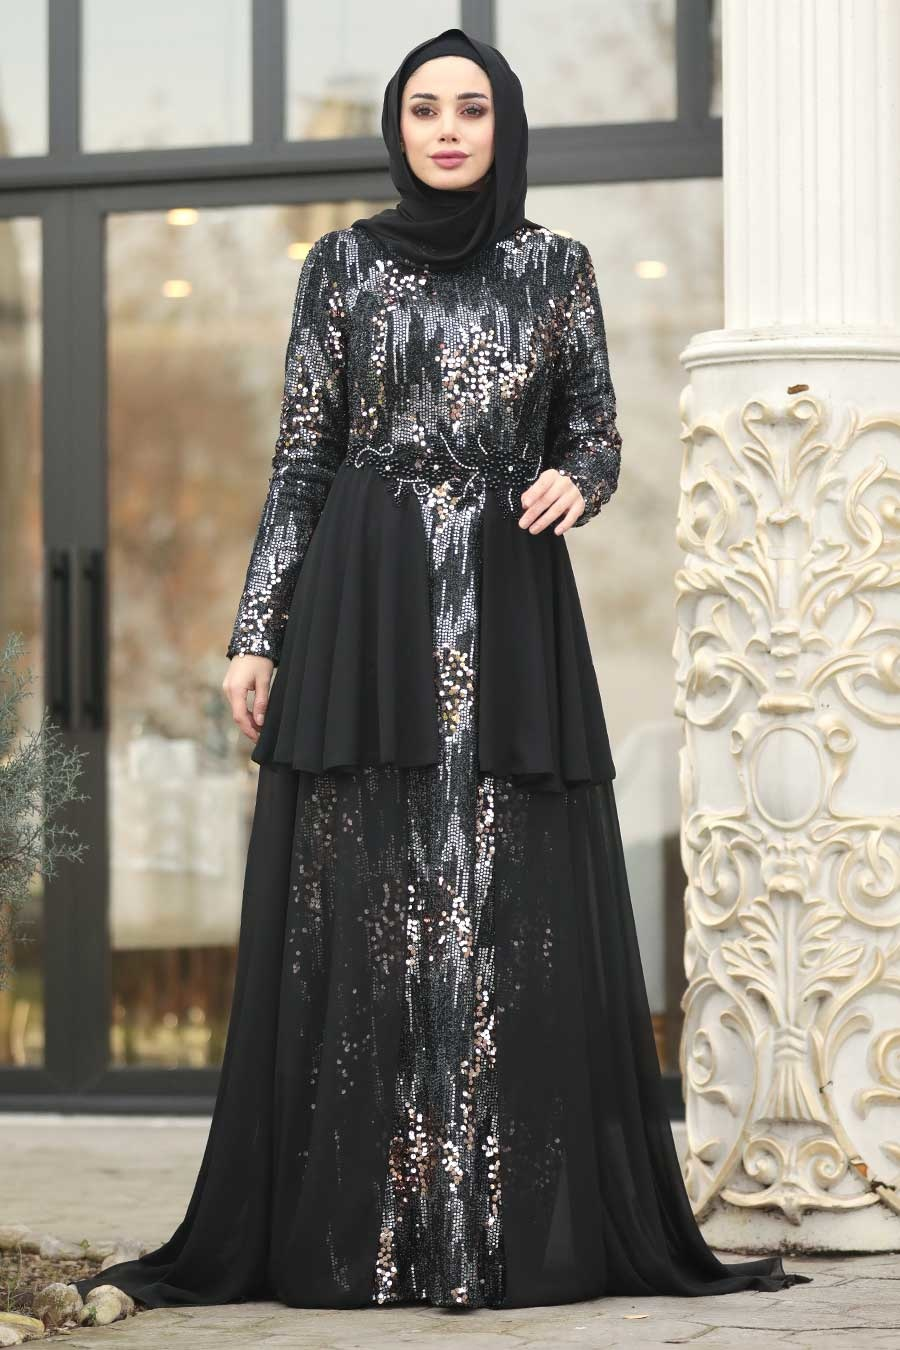 Tesettürlü Abiye Elbise - Boncuk Detaylı Siyah Tesettür Abiye Elbise 87201S